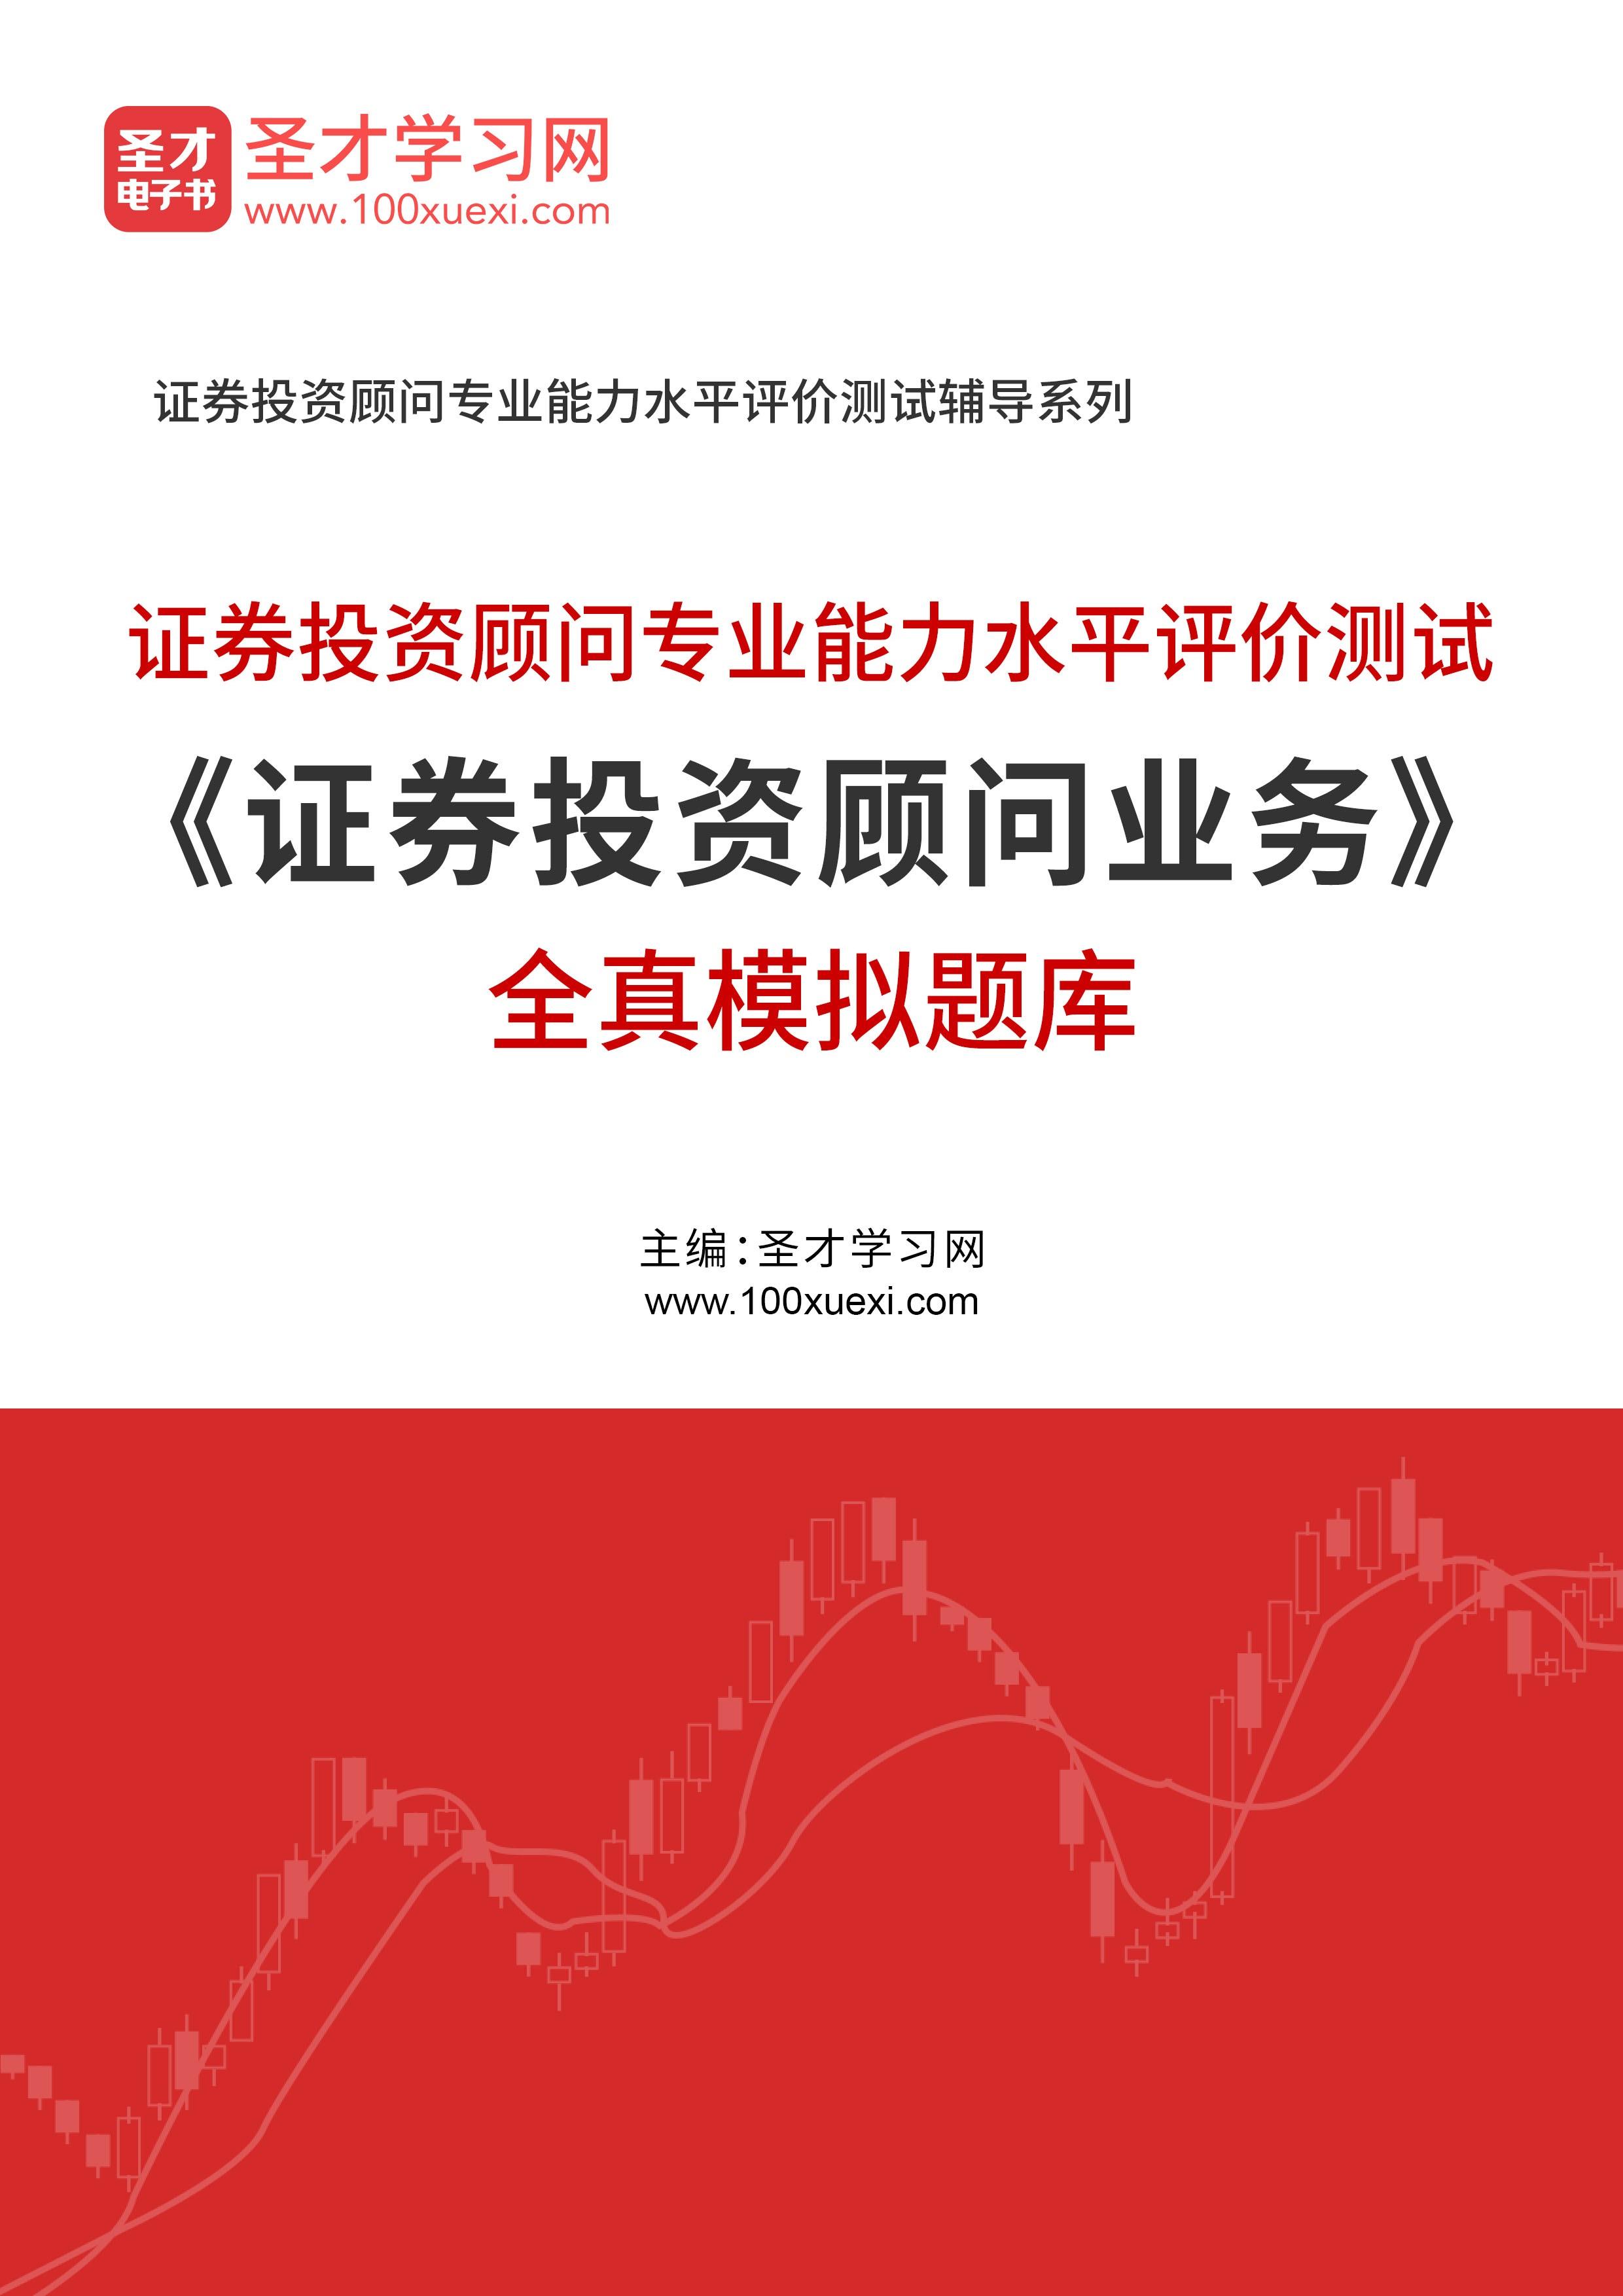 2021年證券投資顧問勝任能力考試《證券投資顧問業務》全真模擬題庫